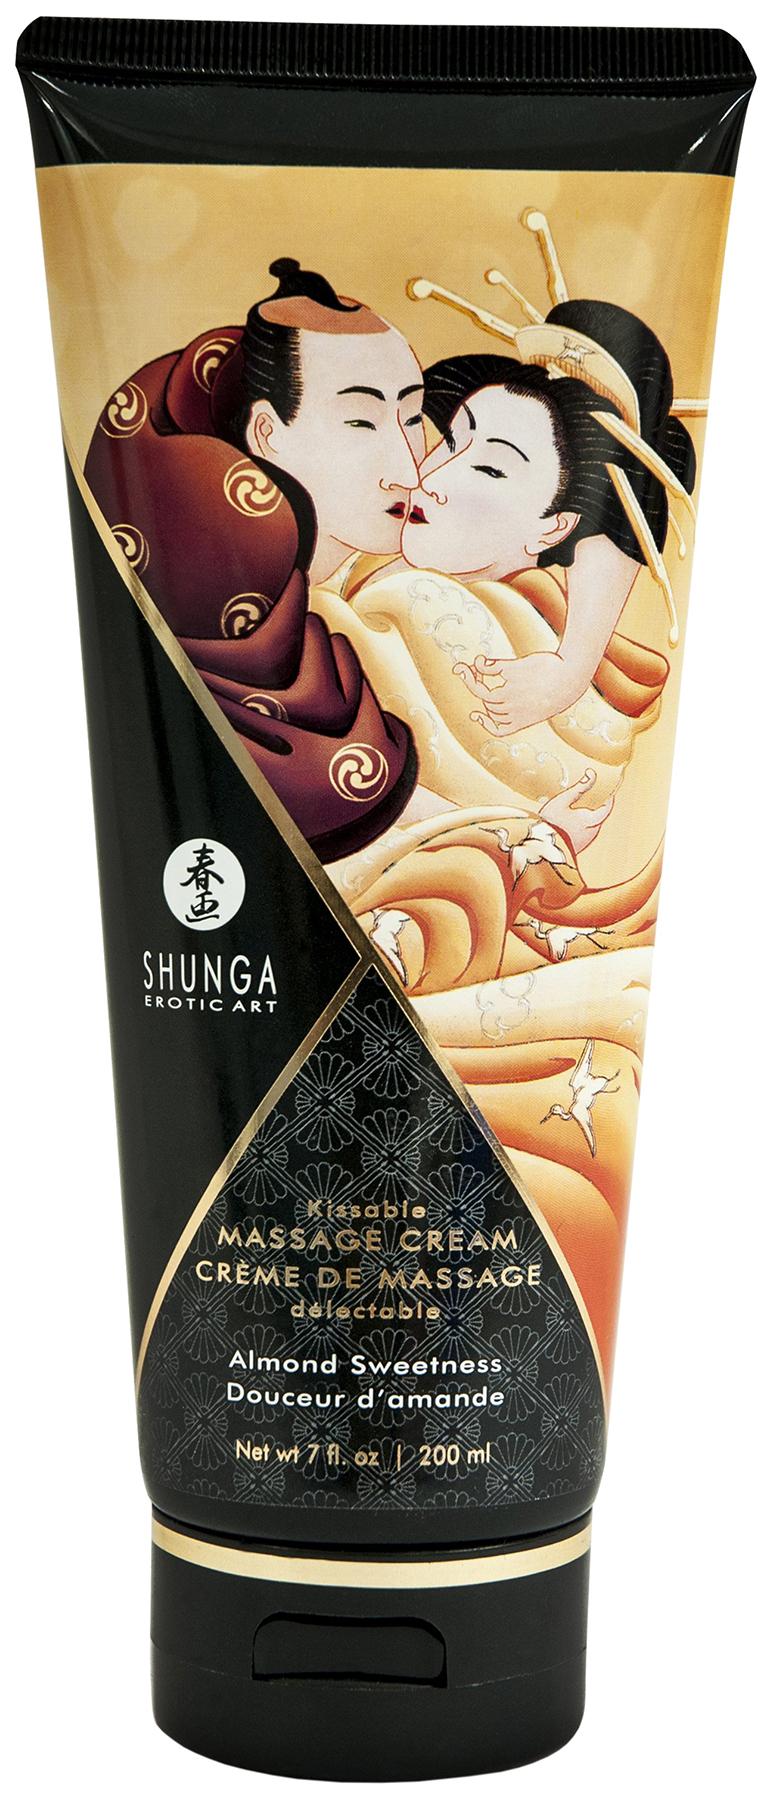 Массажный крем для тела Shunga Intoxicating Chocolate с ароматом шоколада 200 мл